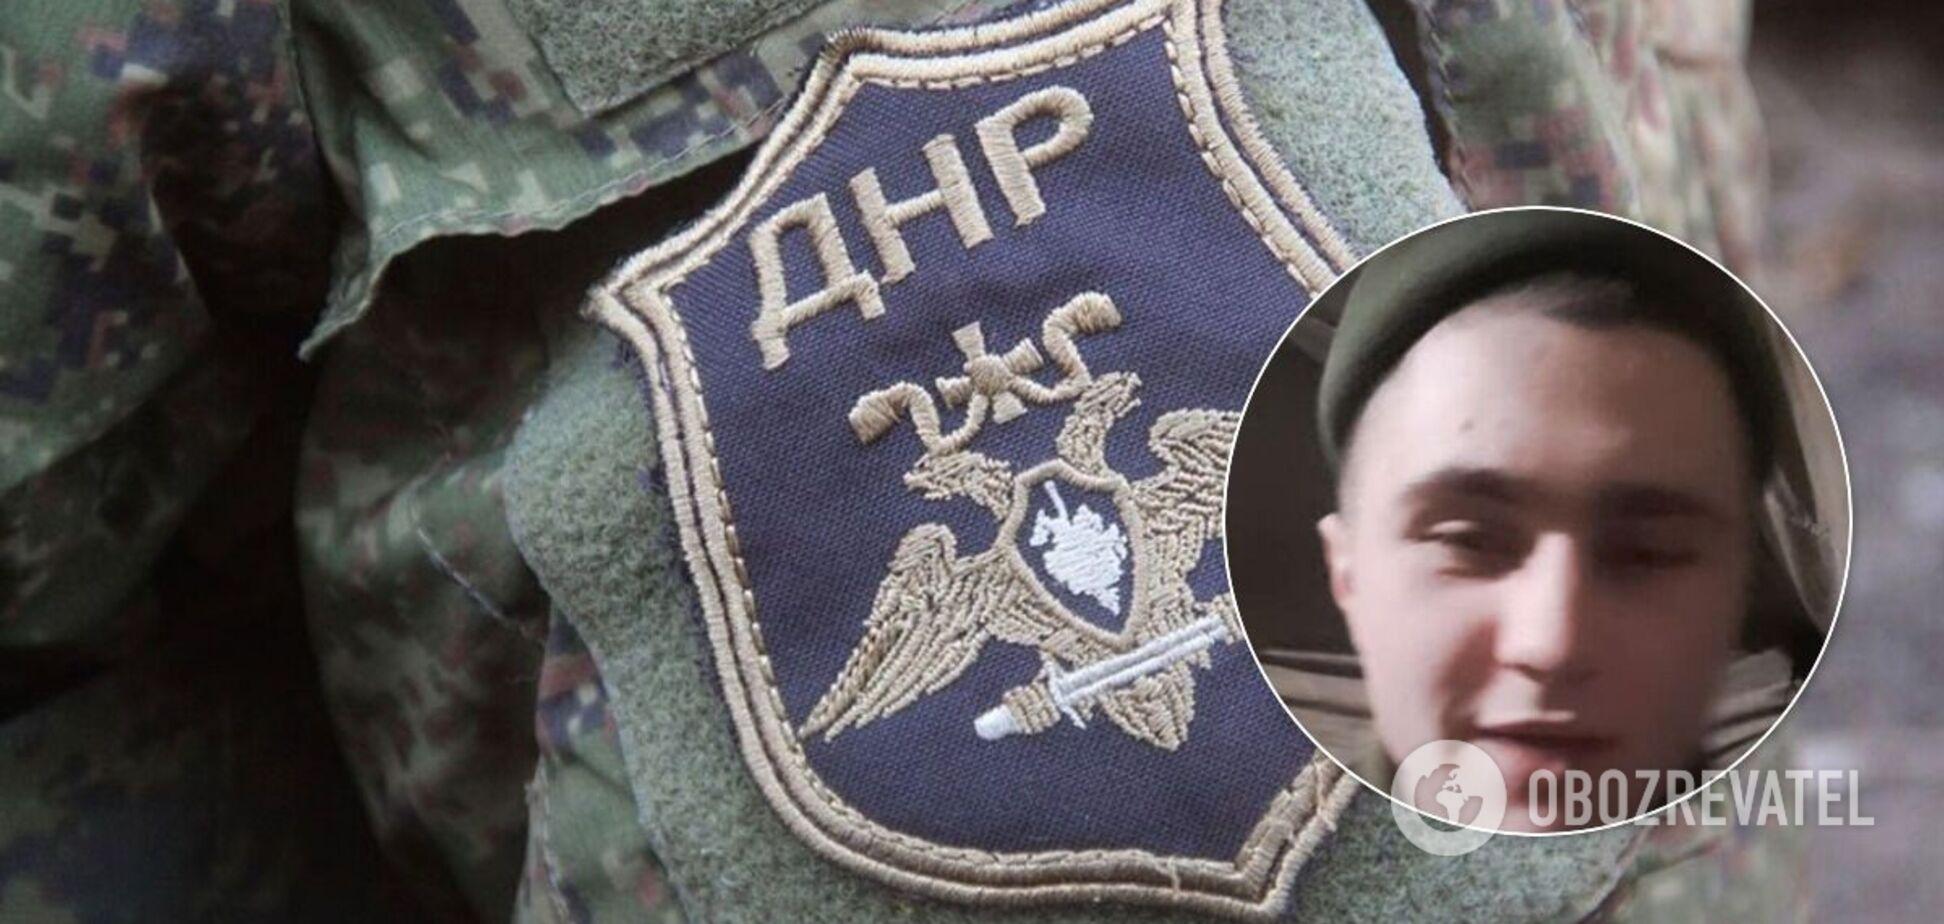 Скандал с солдатом ВСУ в TikTok